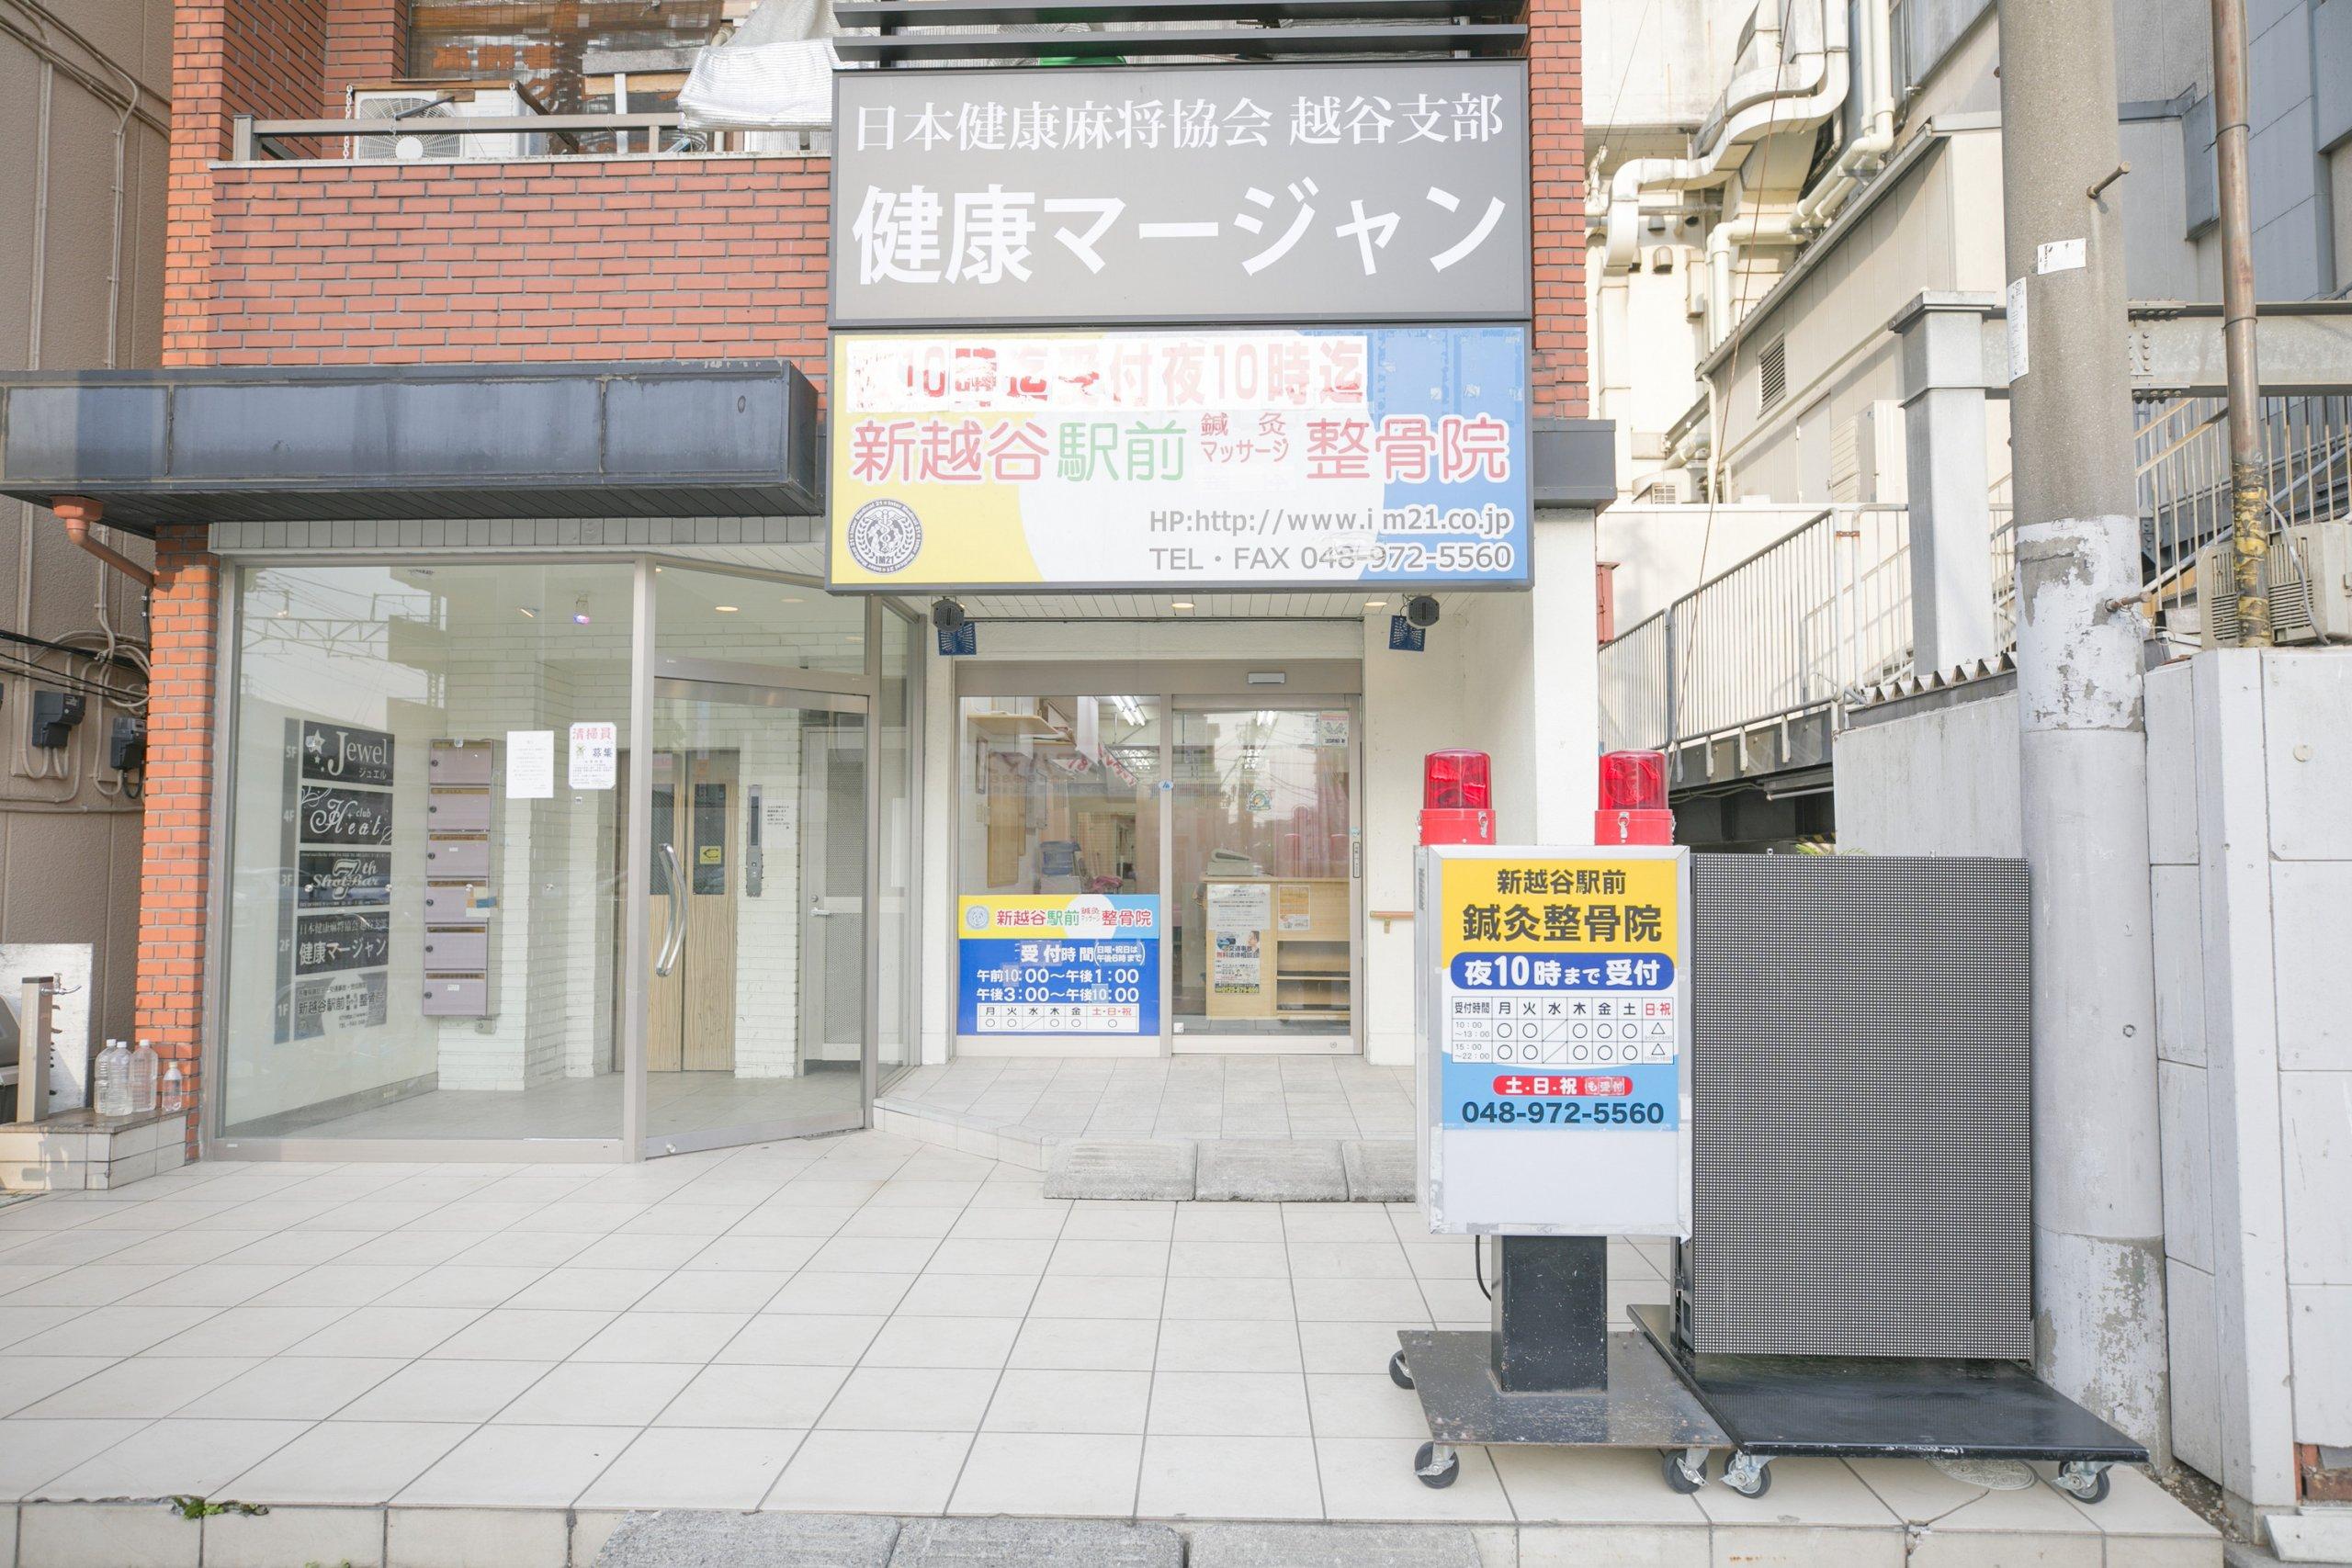 新越谷駅前鍼灸整骨院の外観①